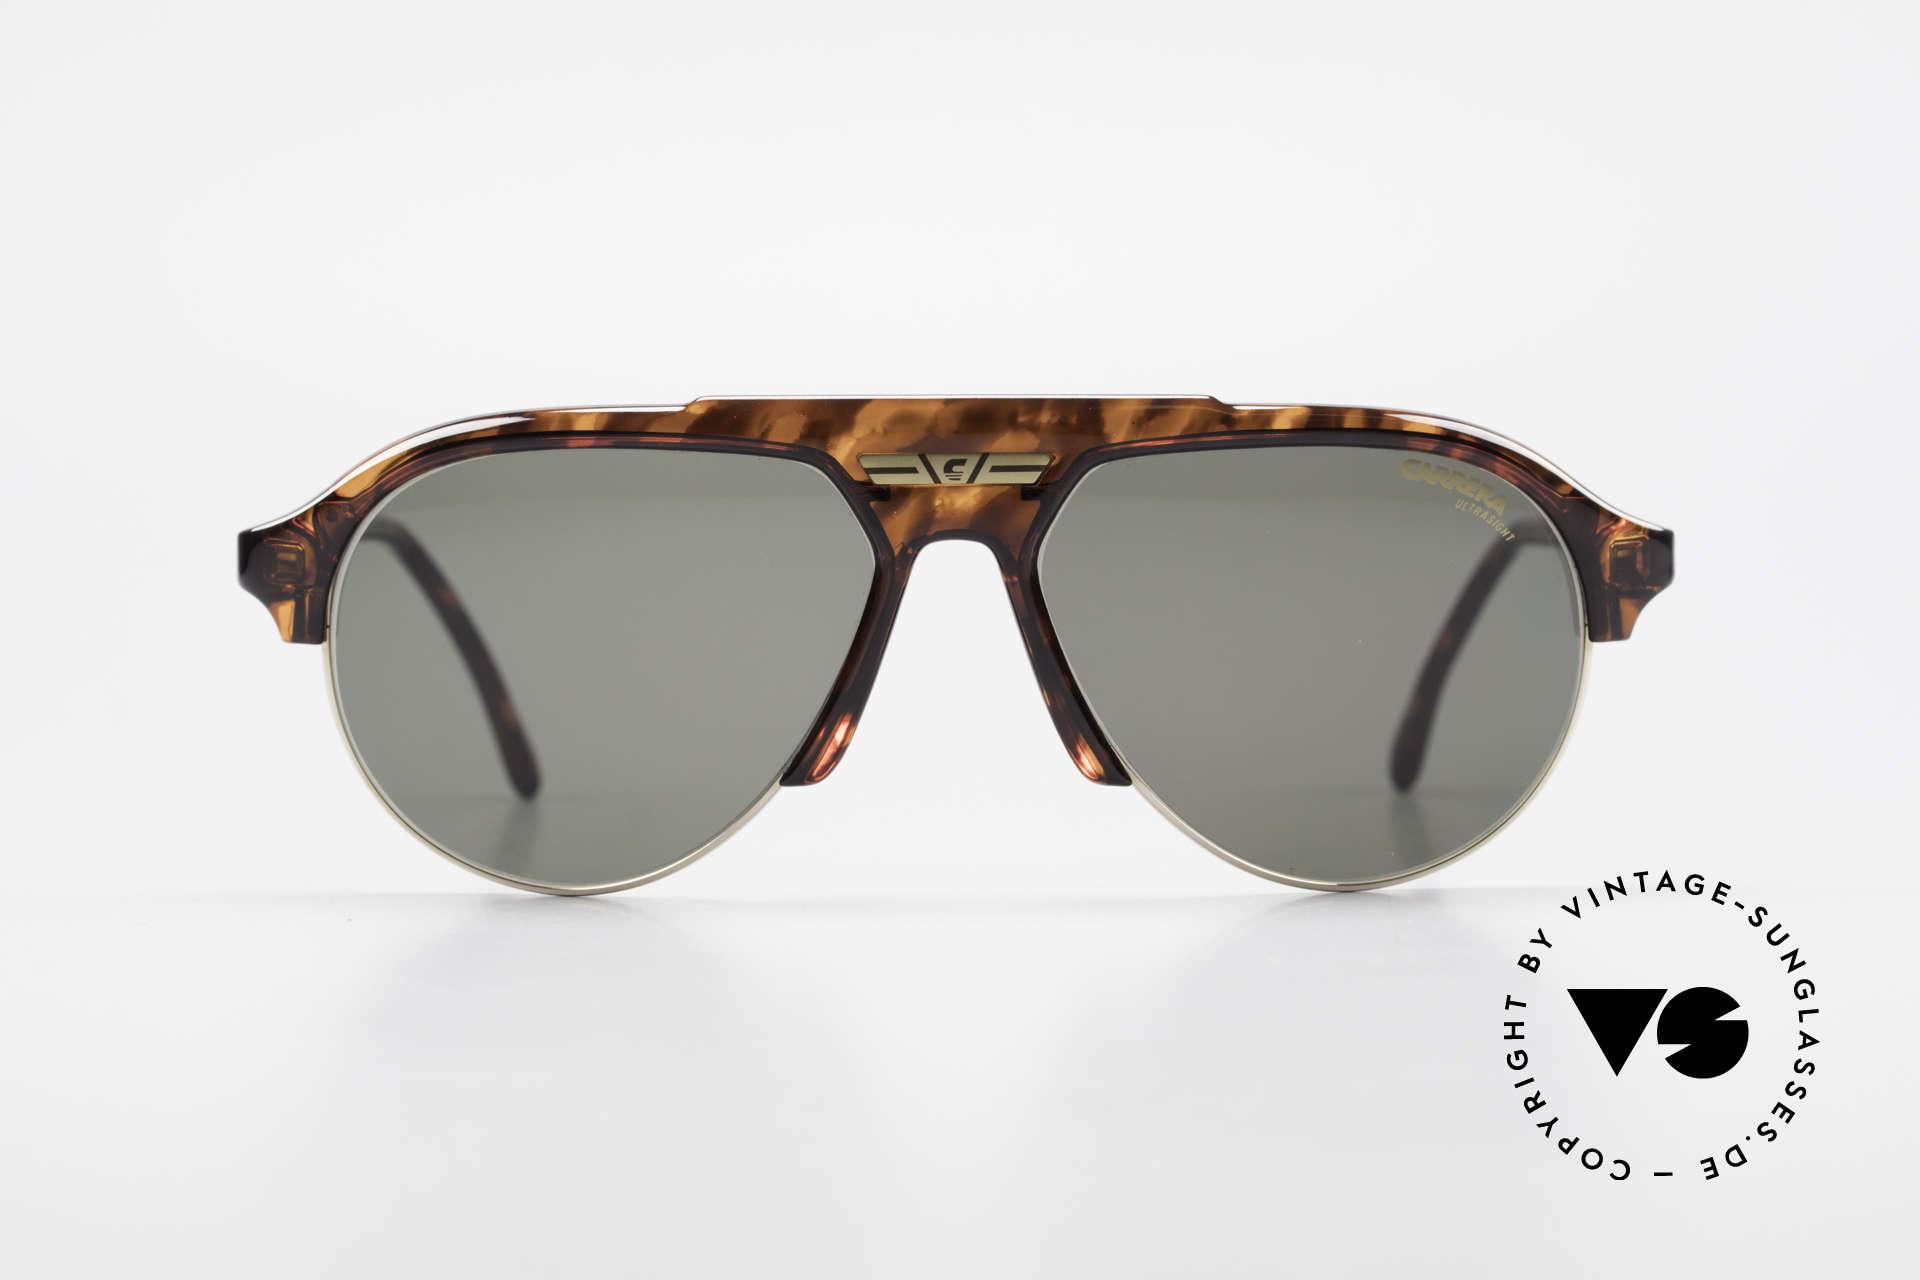 Carrera 5433 Aviator Sunglasses Men 90's, tortoise frame + golden metal rings & CARRERA logo, Made for Men